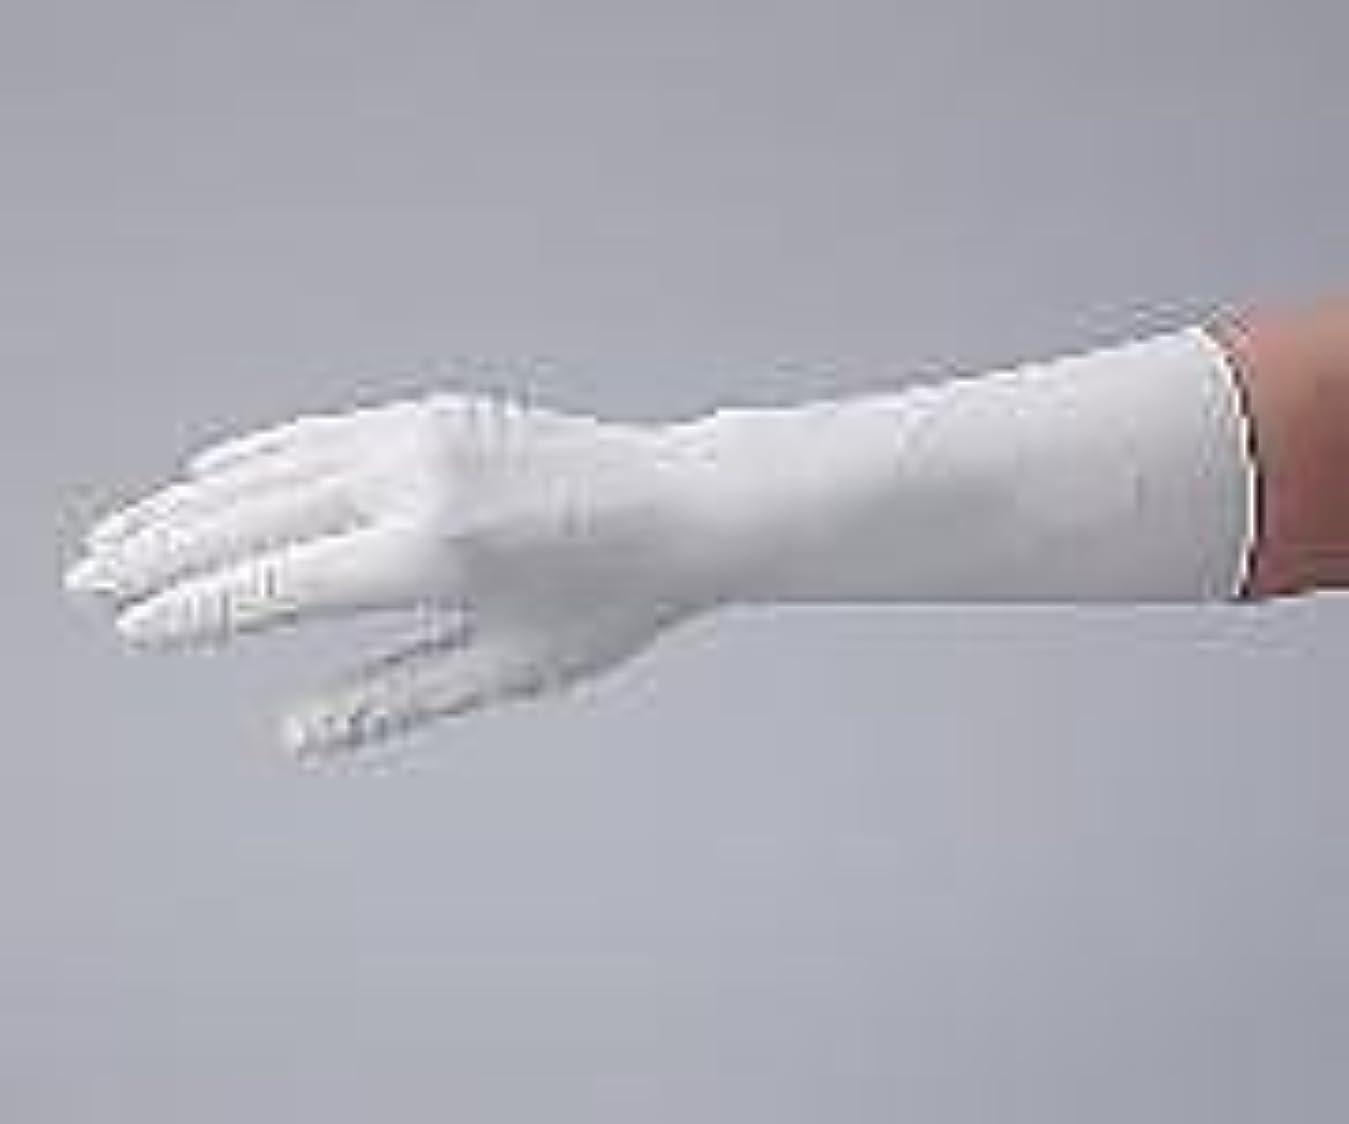 傘毎回心配するアズピュア(アズワン)1-2324-55アズピュアクリーンファーストニトリル手袋(ペアタイプ)クリーンパックXL左右各50枚×10袋入